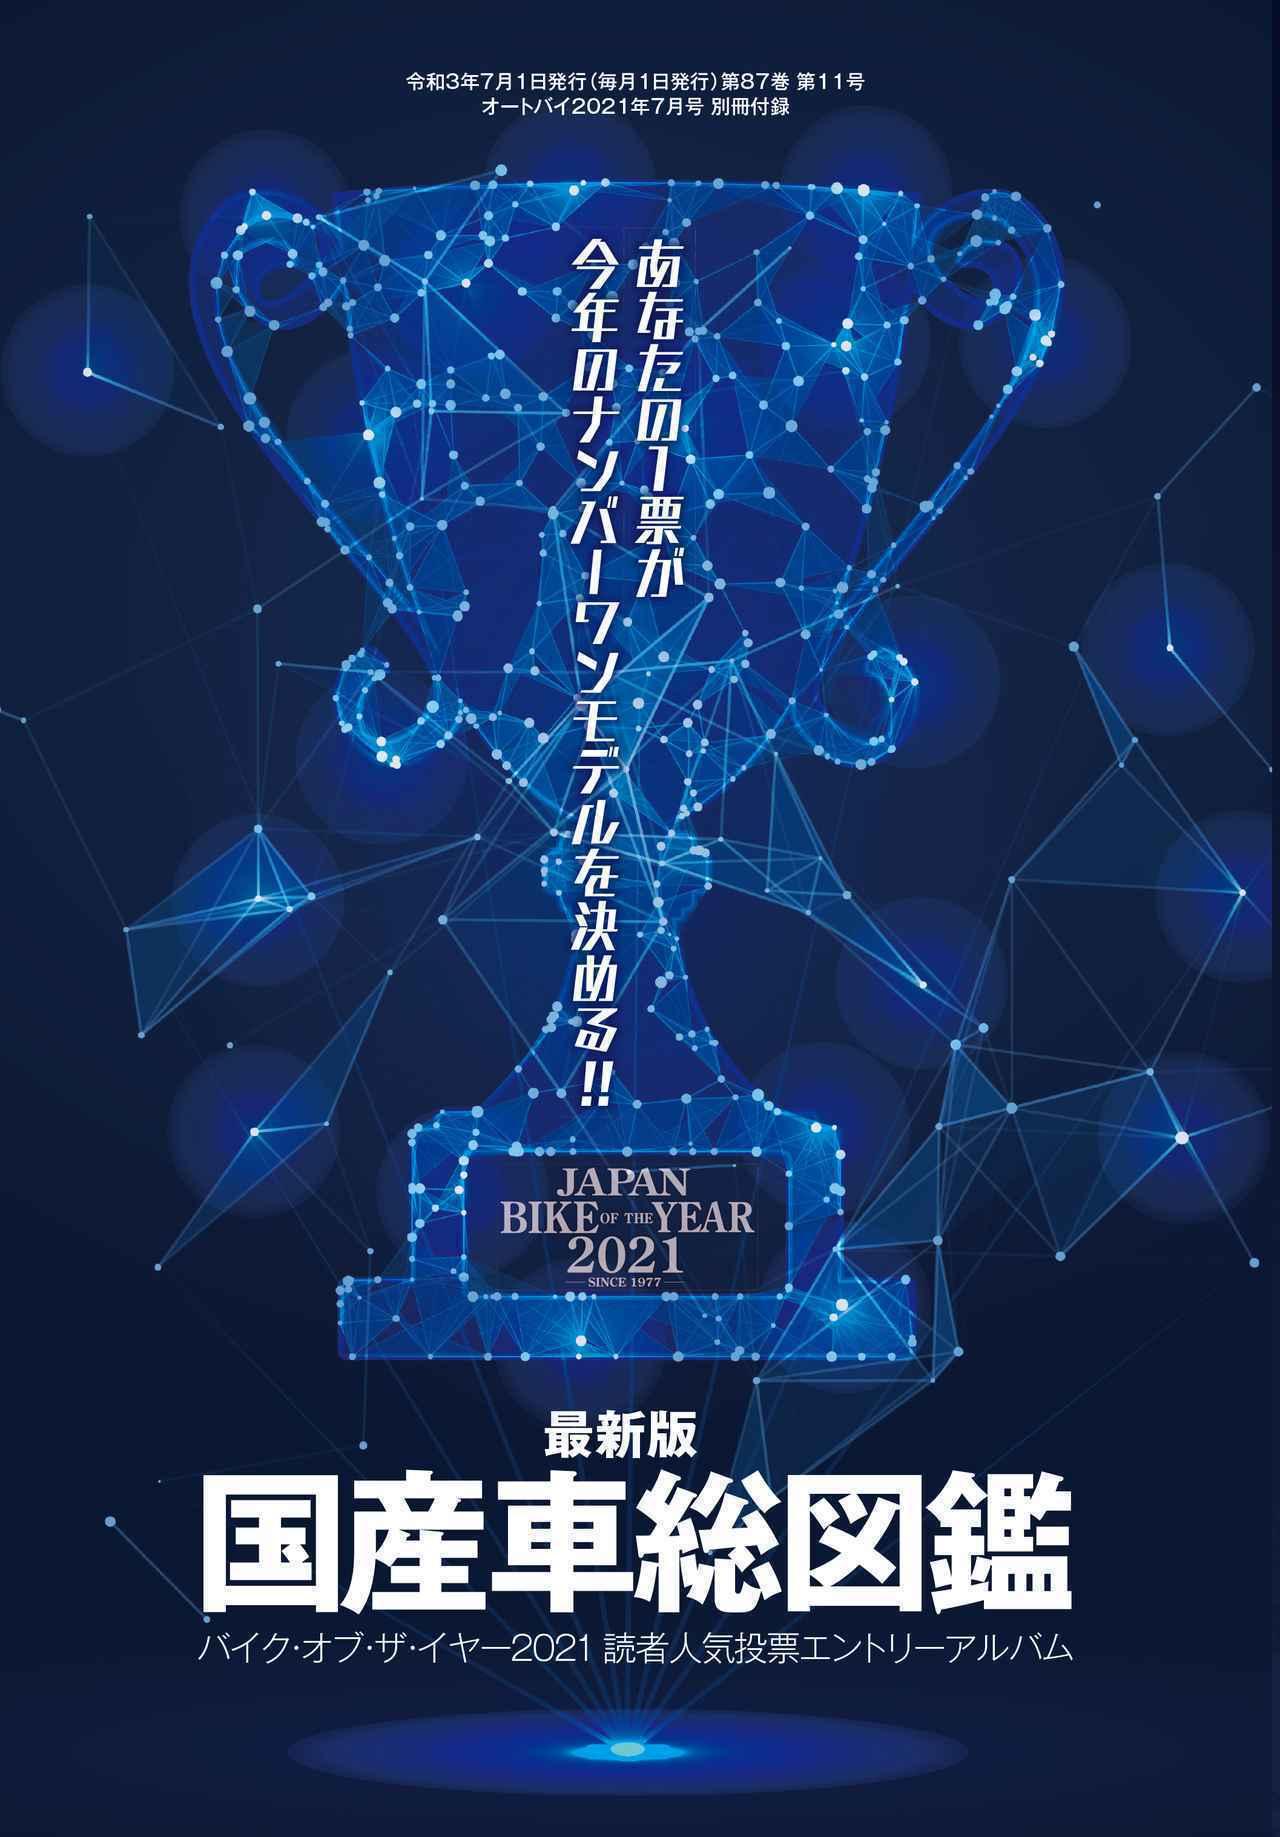 画像: 投票して最新モデルをゲットしよう! みんなで決める今年の人気No.1バイク!「ジャパン・バイク・オブ・ザ・イヤー 2021」の投票受付を開始!